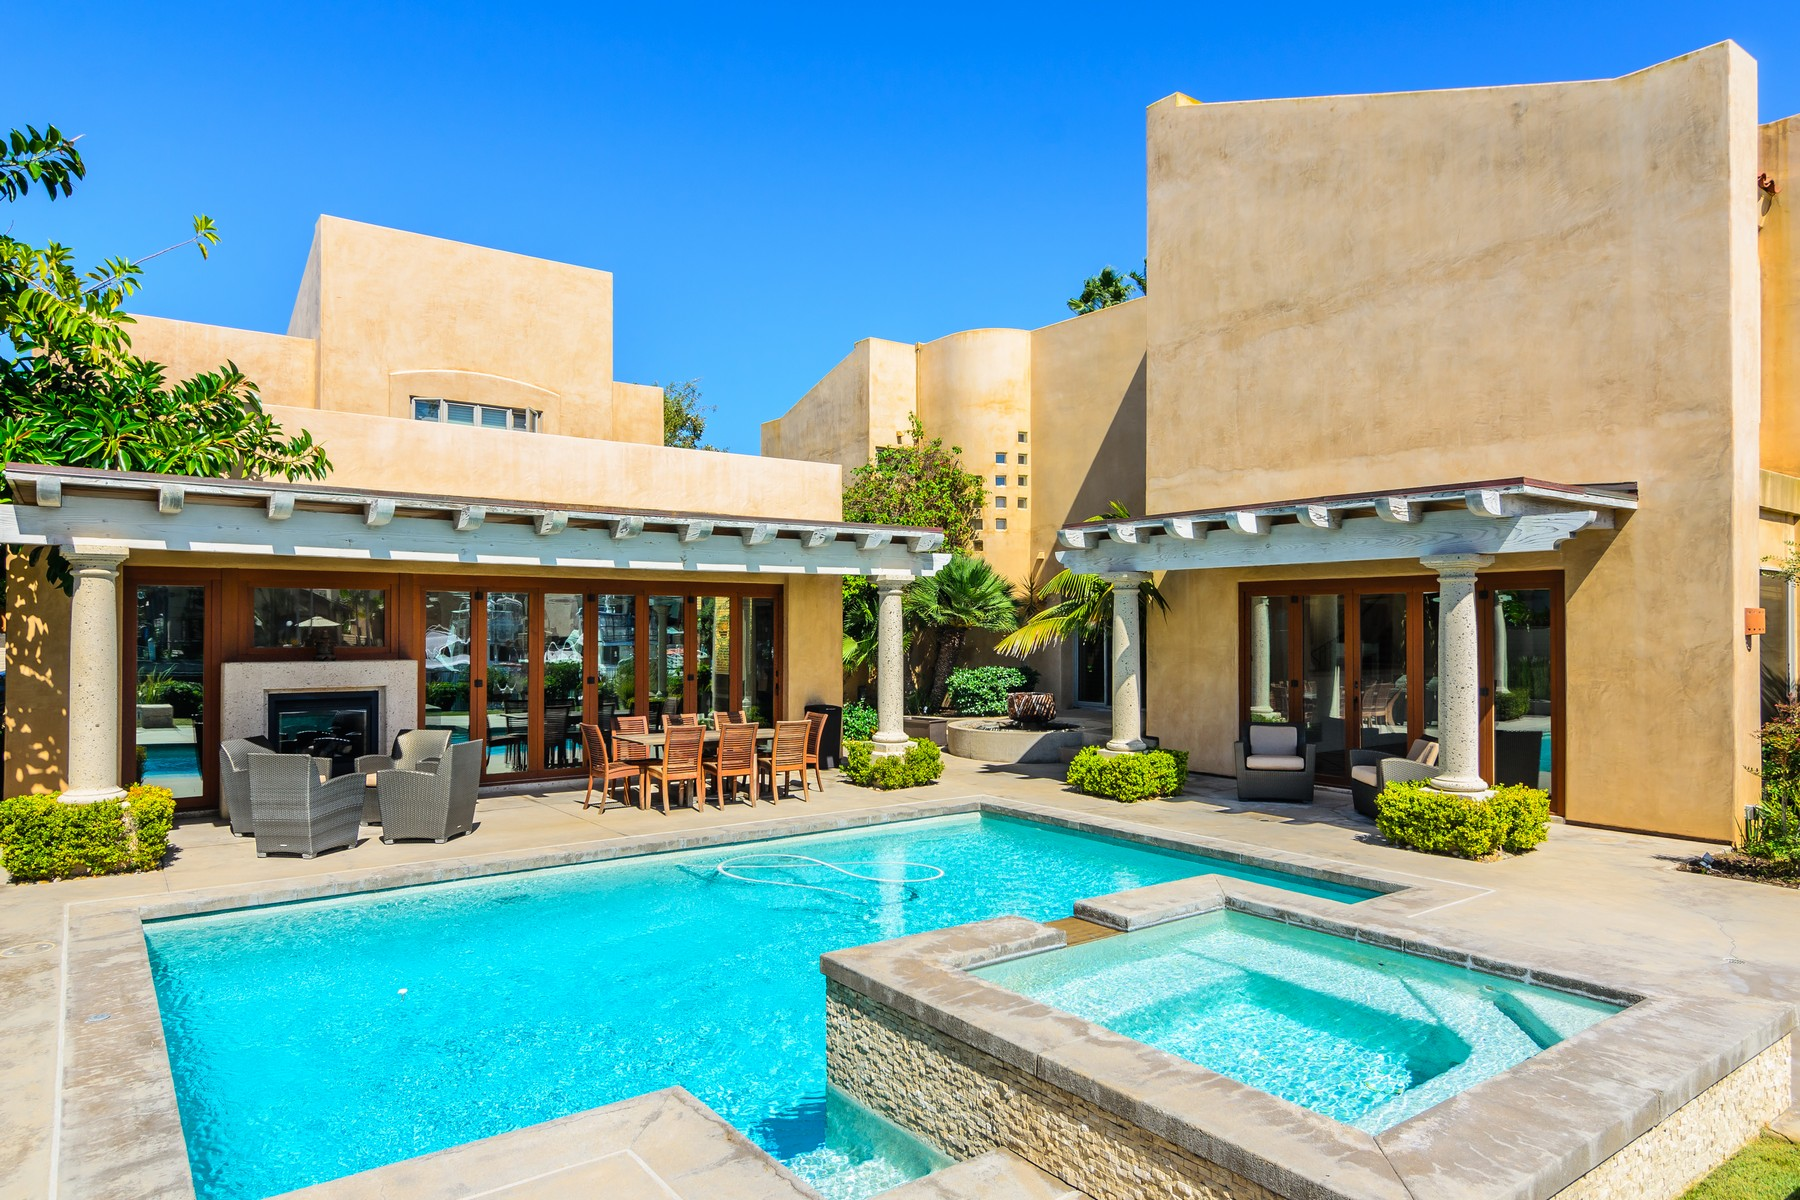 一戸建て のために 売買 アット 6 Sixpence Coronado, カリフォルニア, 92118 アメリカ合衆国